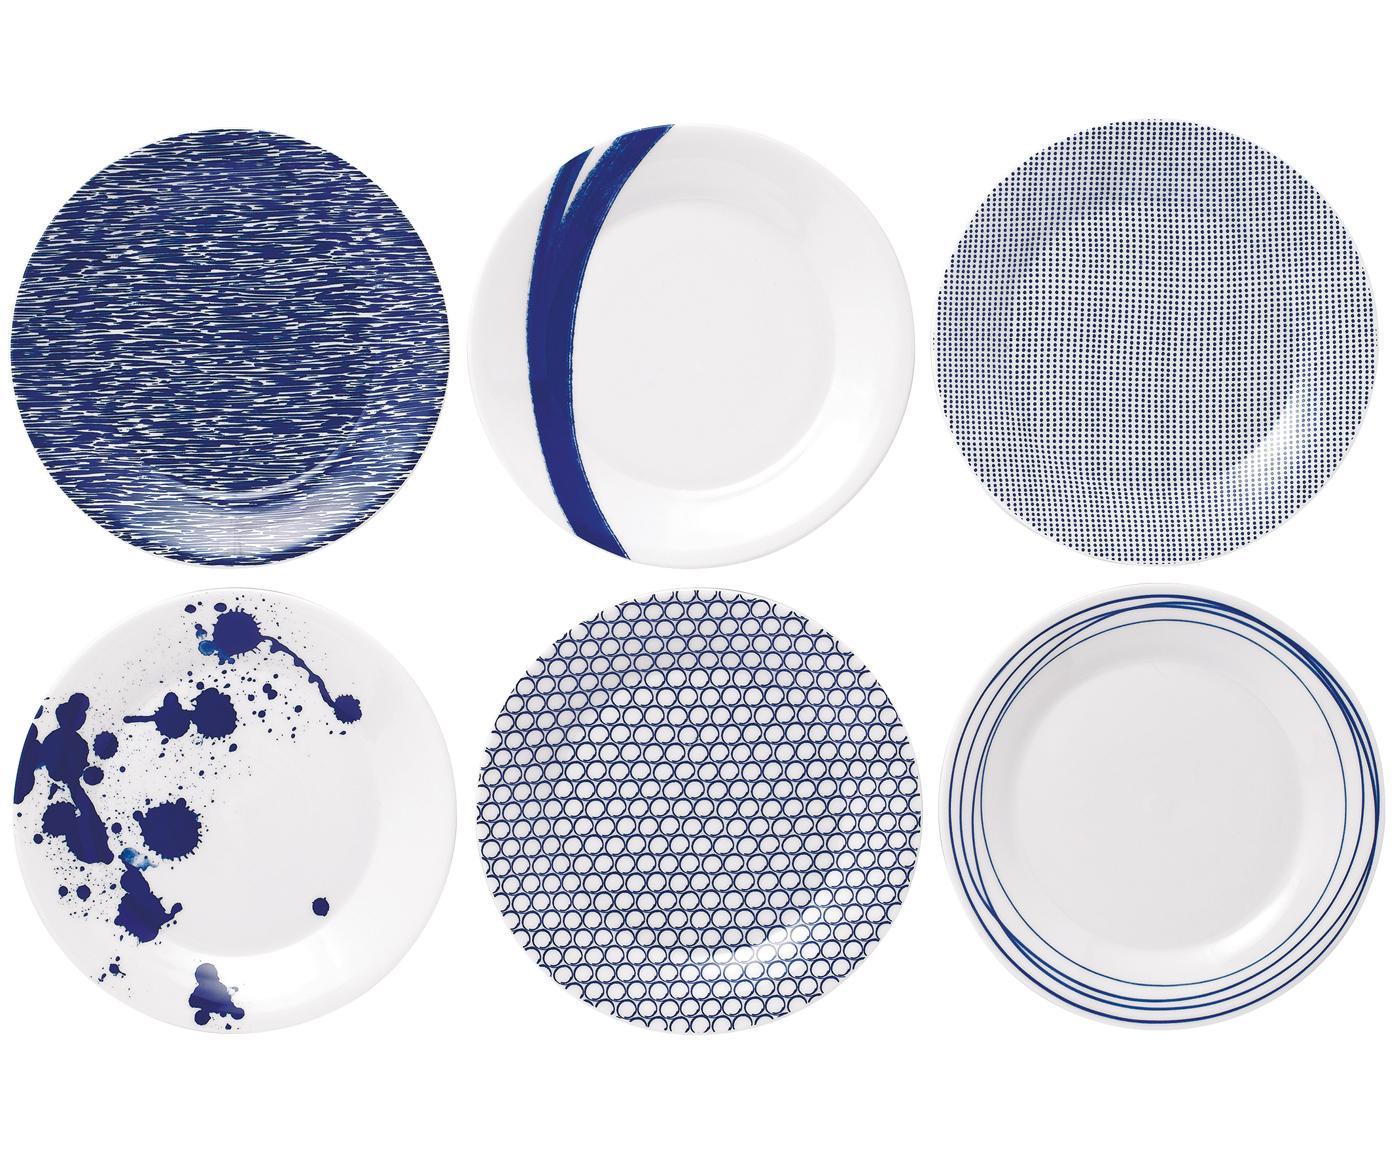 Piatto da colazione in porcellana Pacific 6 pz, Porcellana, Bianco, blu, Ø 23 cm